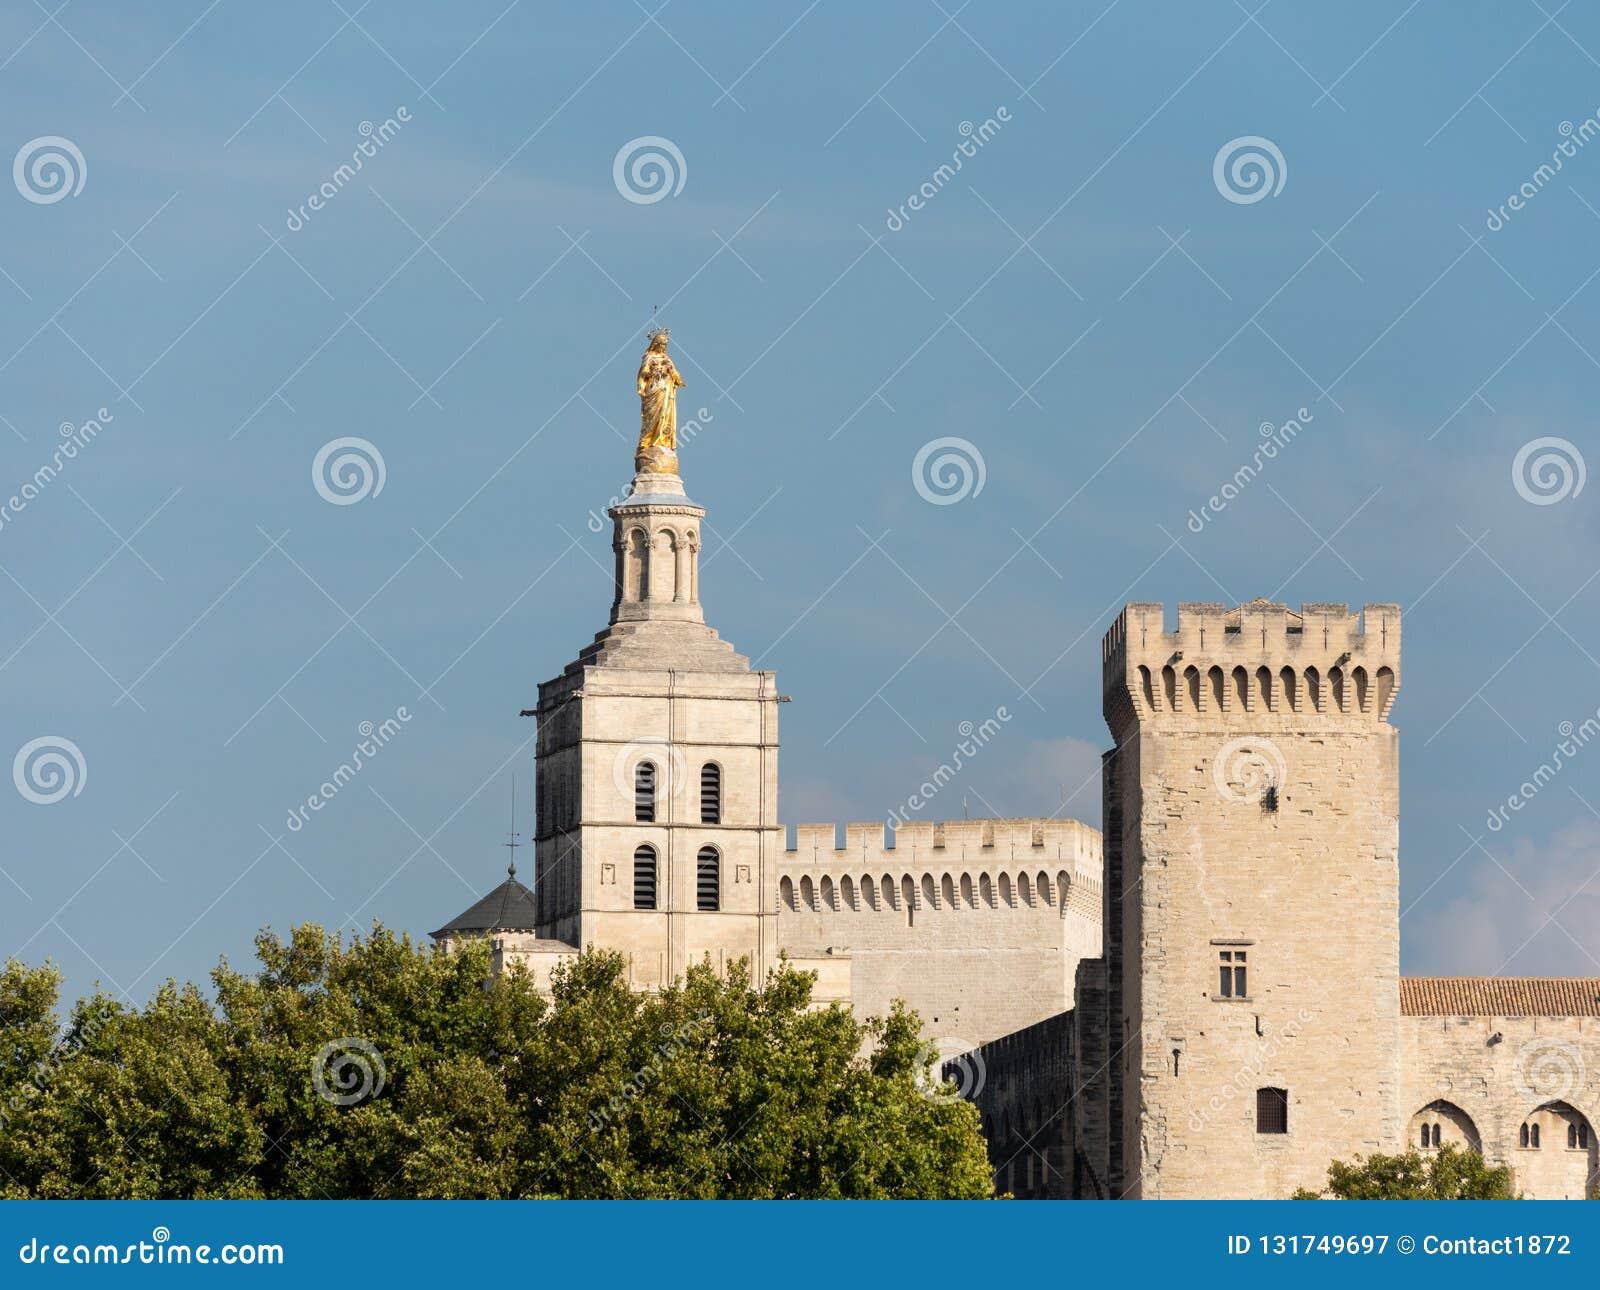 Папский дворец, исторический дворец расположенный в Авиньоне, южной Франции Оно одно из самое большое и самое важное средневеково